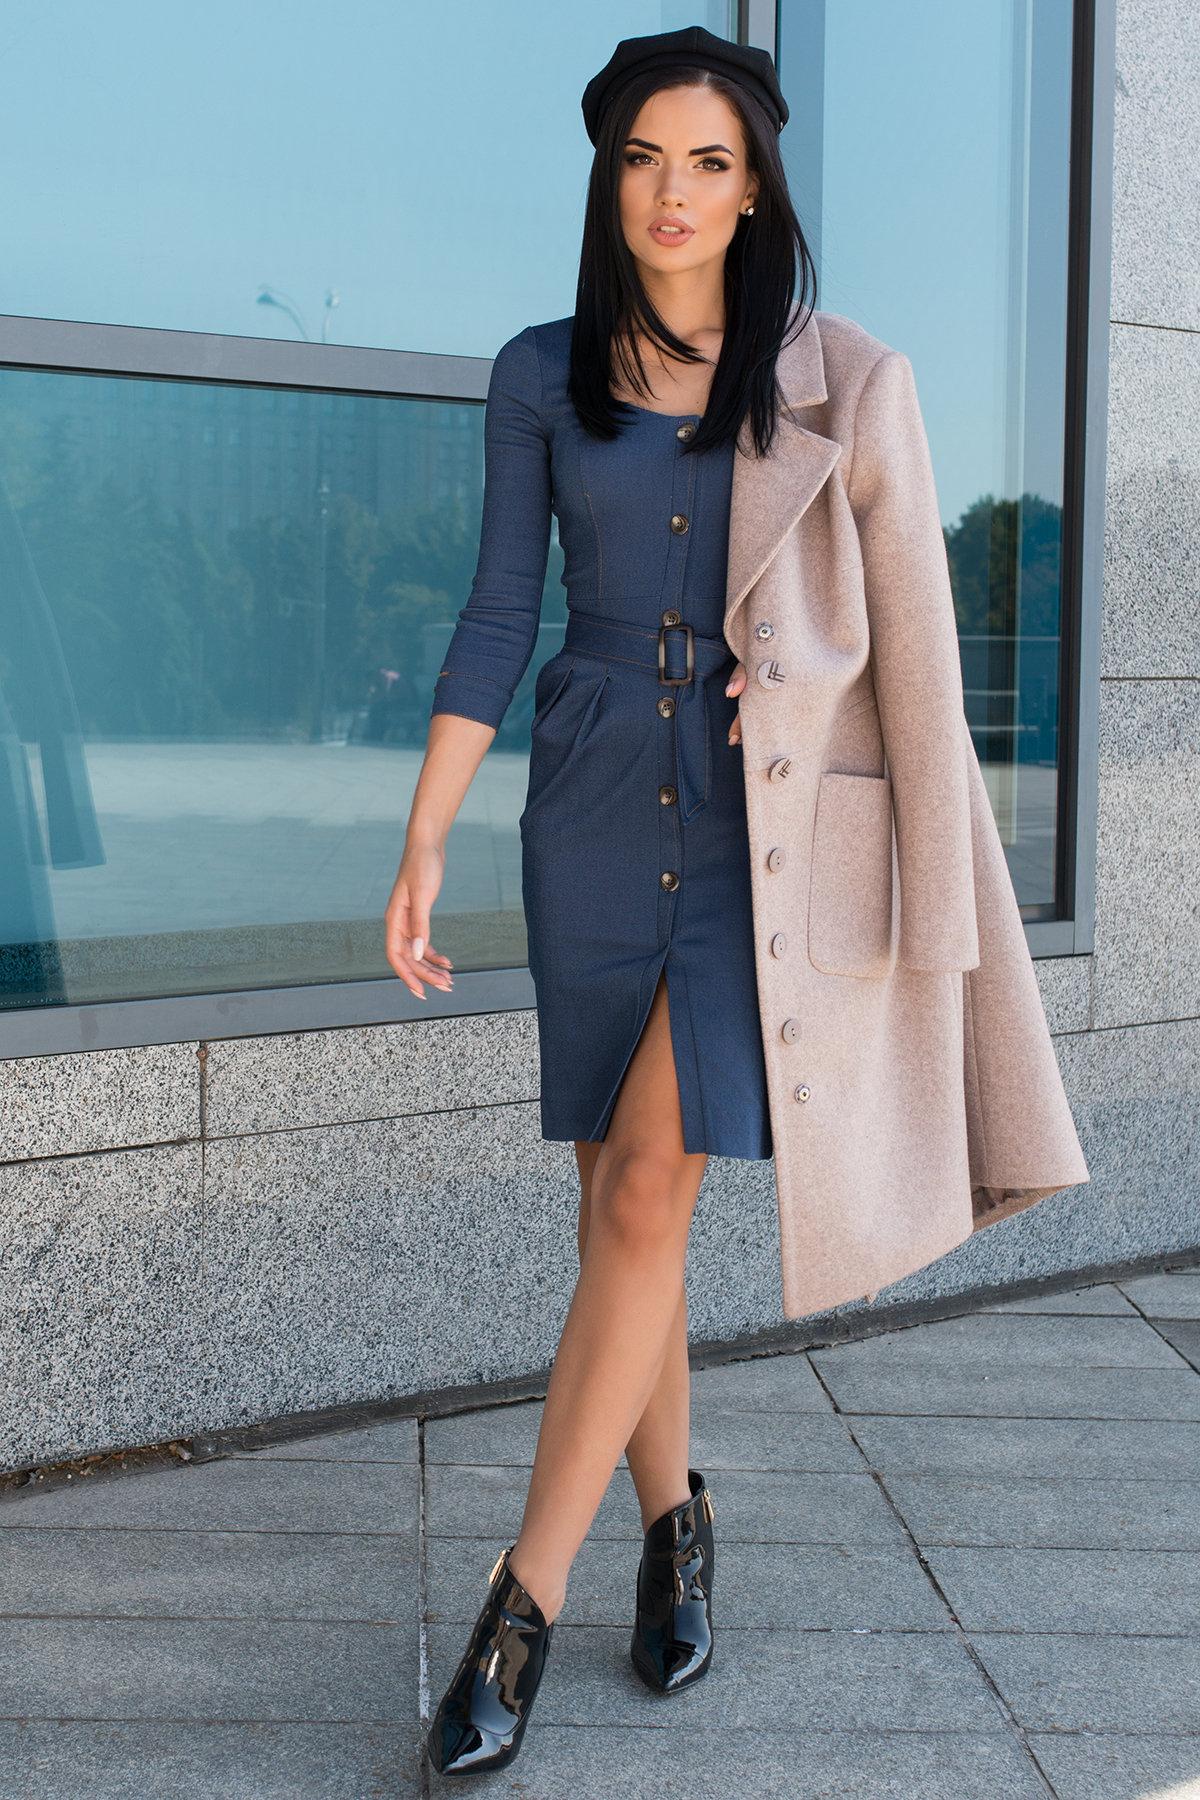 Платье-футляр Марсель 7656 АРТ. 43745 Цвет: Джинс - фото 3, интернет магазин tm-modus.ru